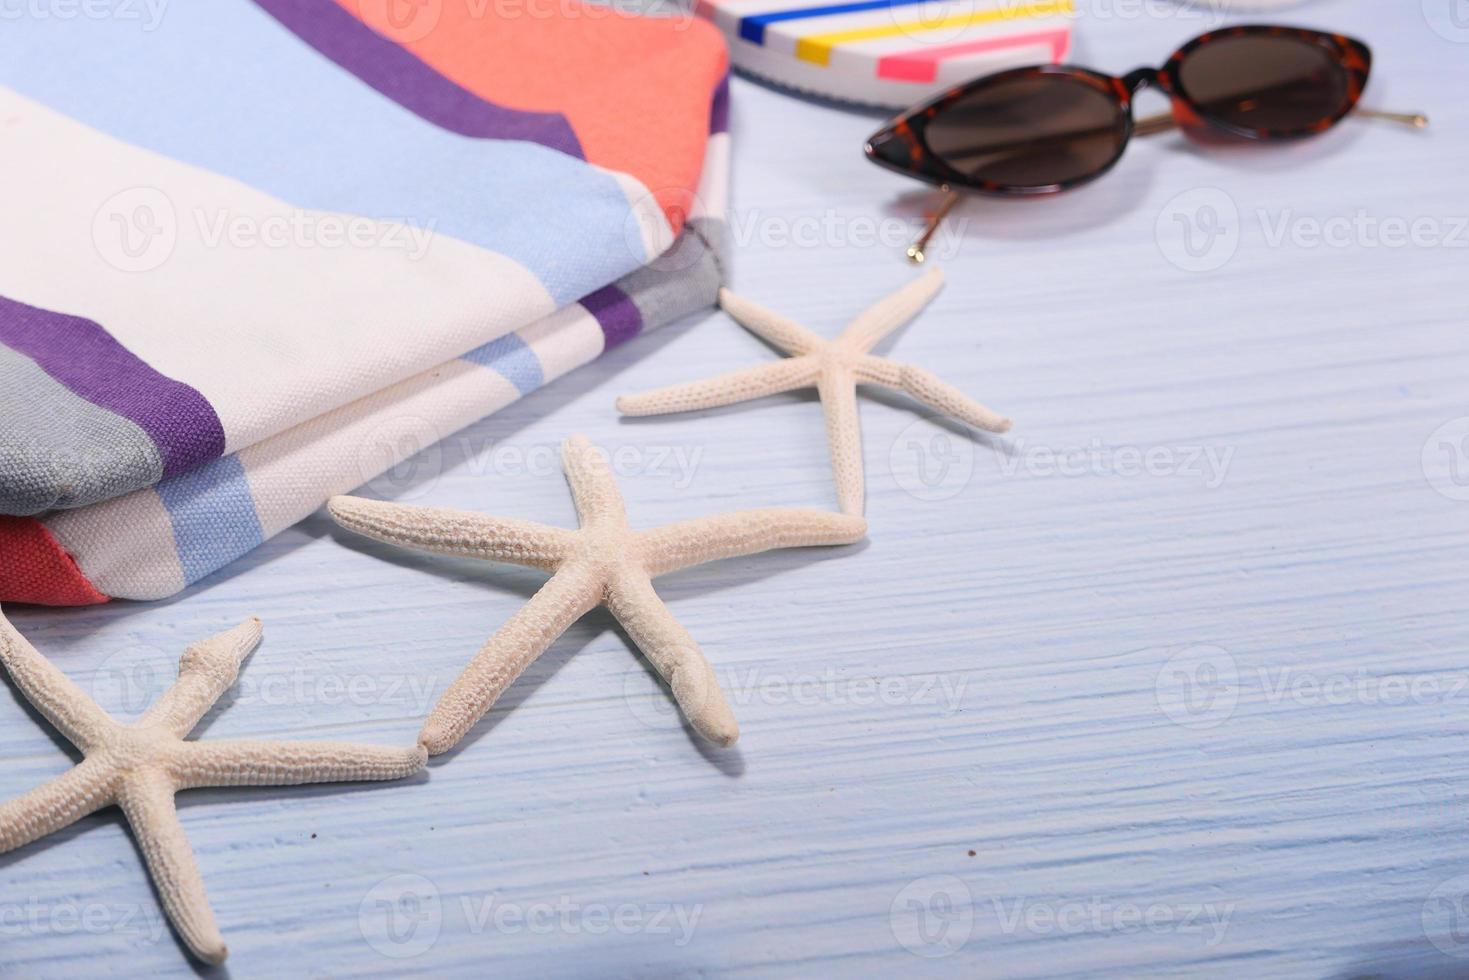 zomer strandaccessoires op tafel foto